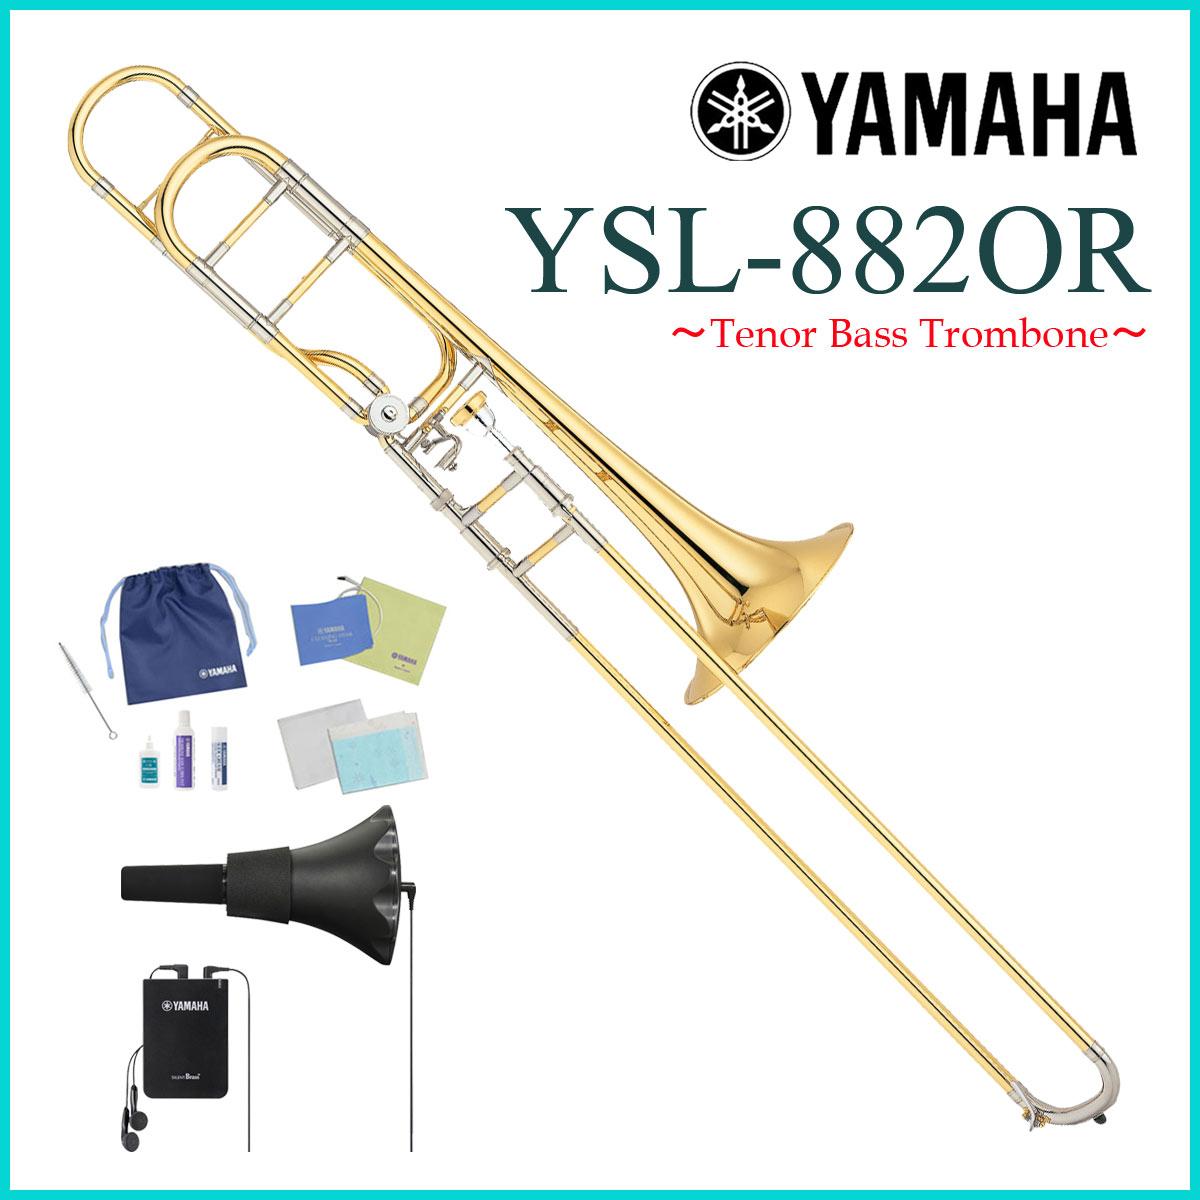 YAMAHA / YSL-882OR ヤマハ トロンボーン Torombone YSL882OR 《サイレントブラスセット》 《倉庫保管新品をお届け※もちろん出荷前調整》《5年保証》